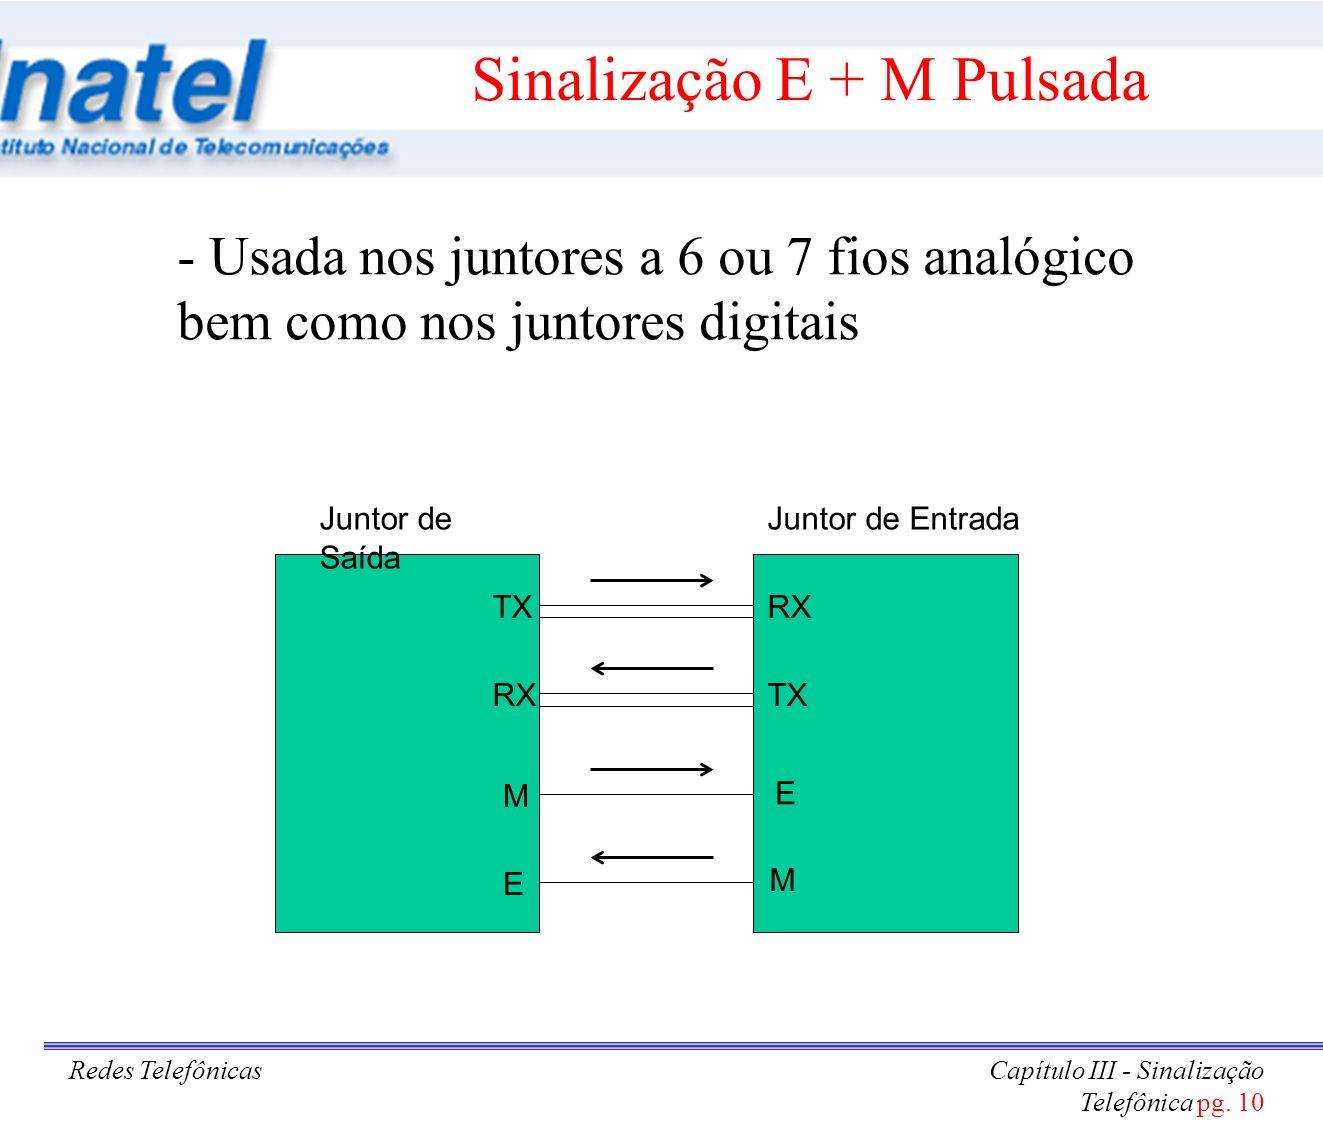 Sinalização E + M Pulsada